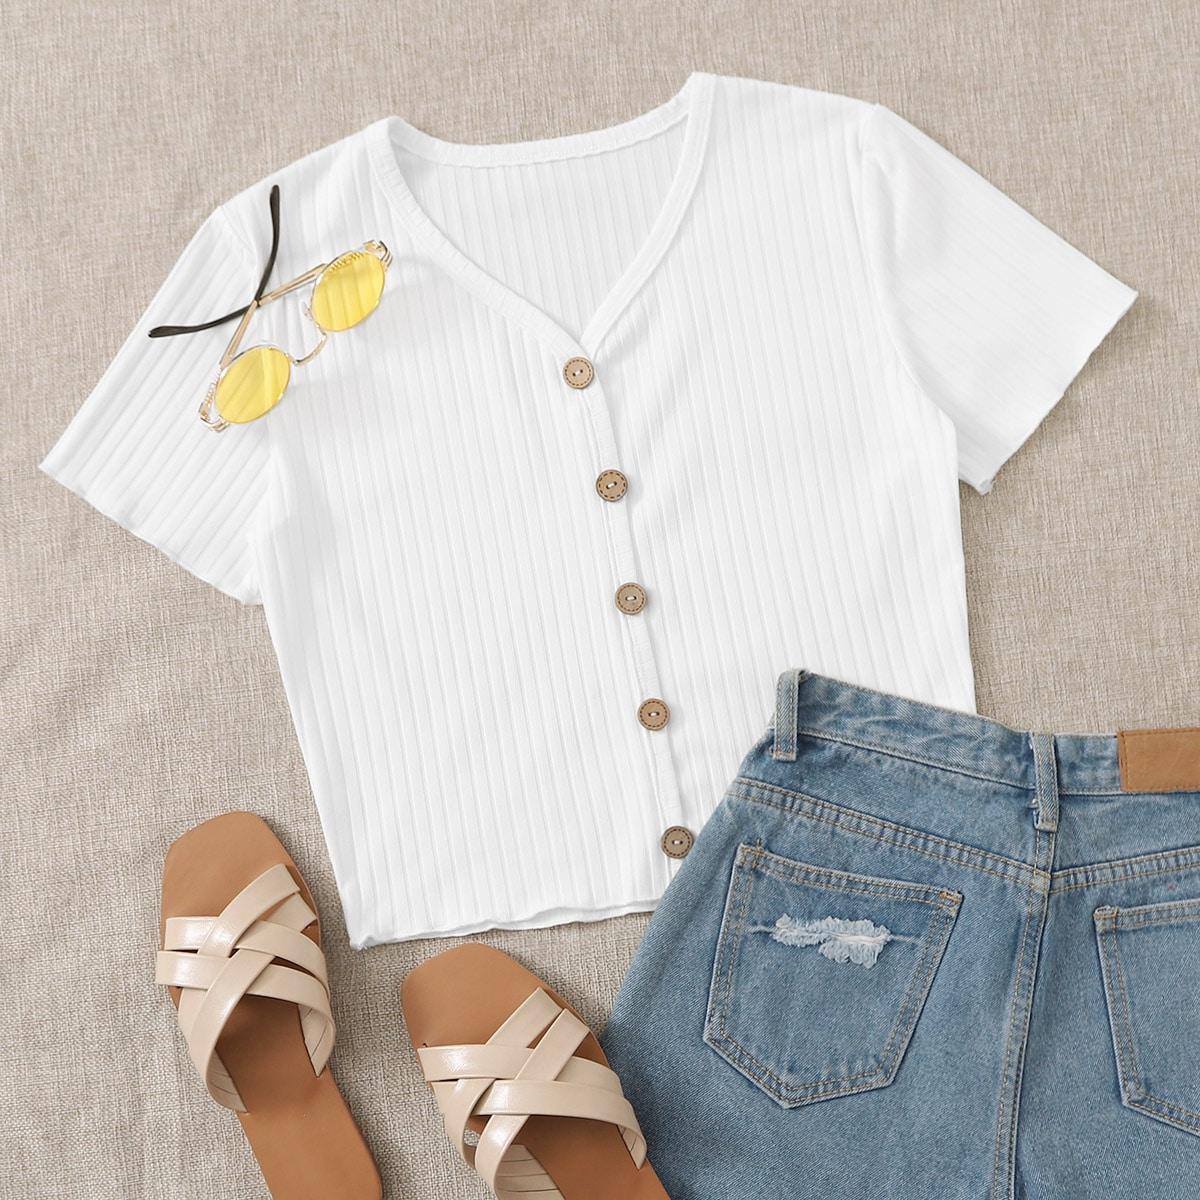 Белый Шнуровка Одноцветный Повседневный Размер плюс футболка фото